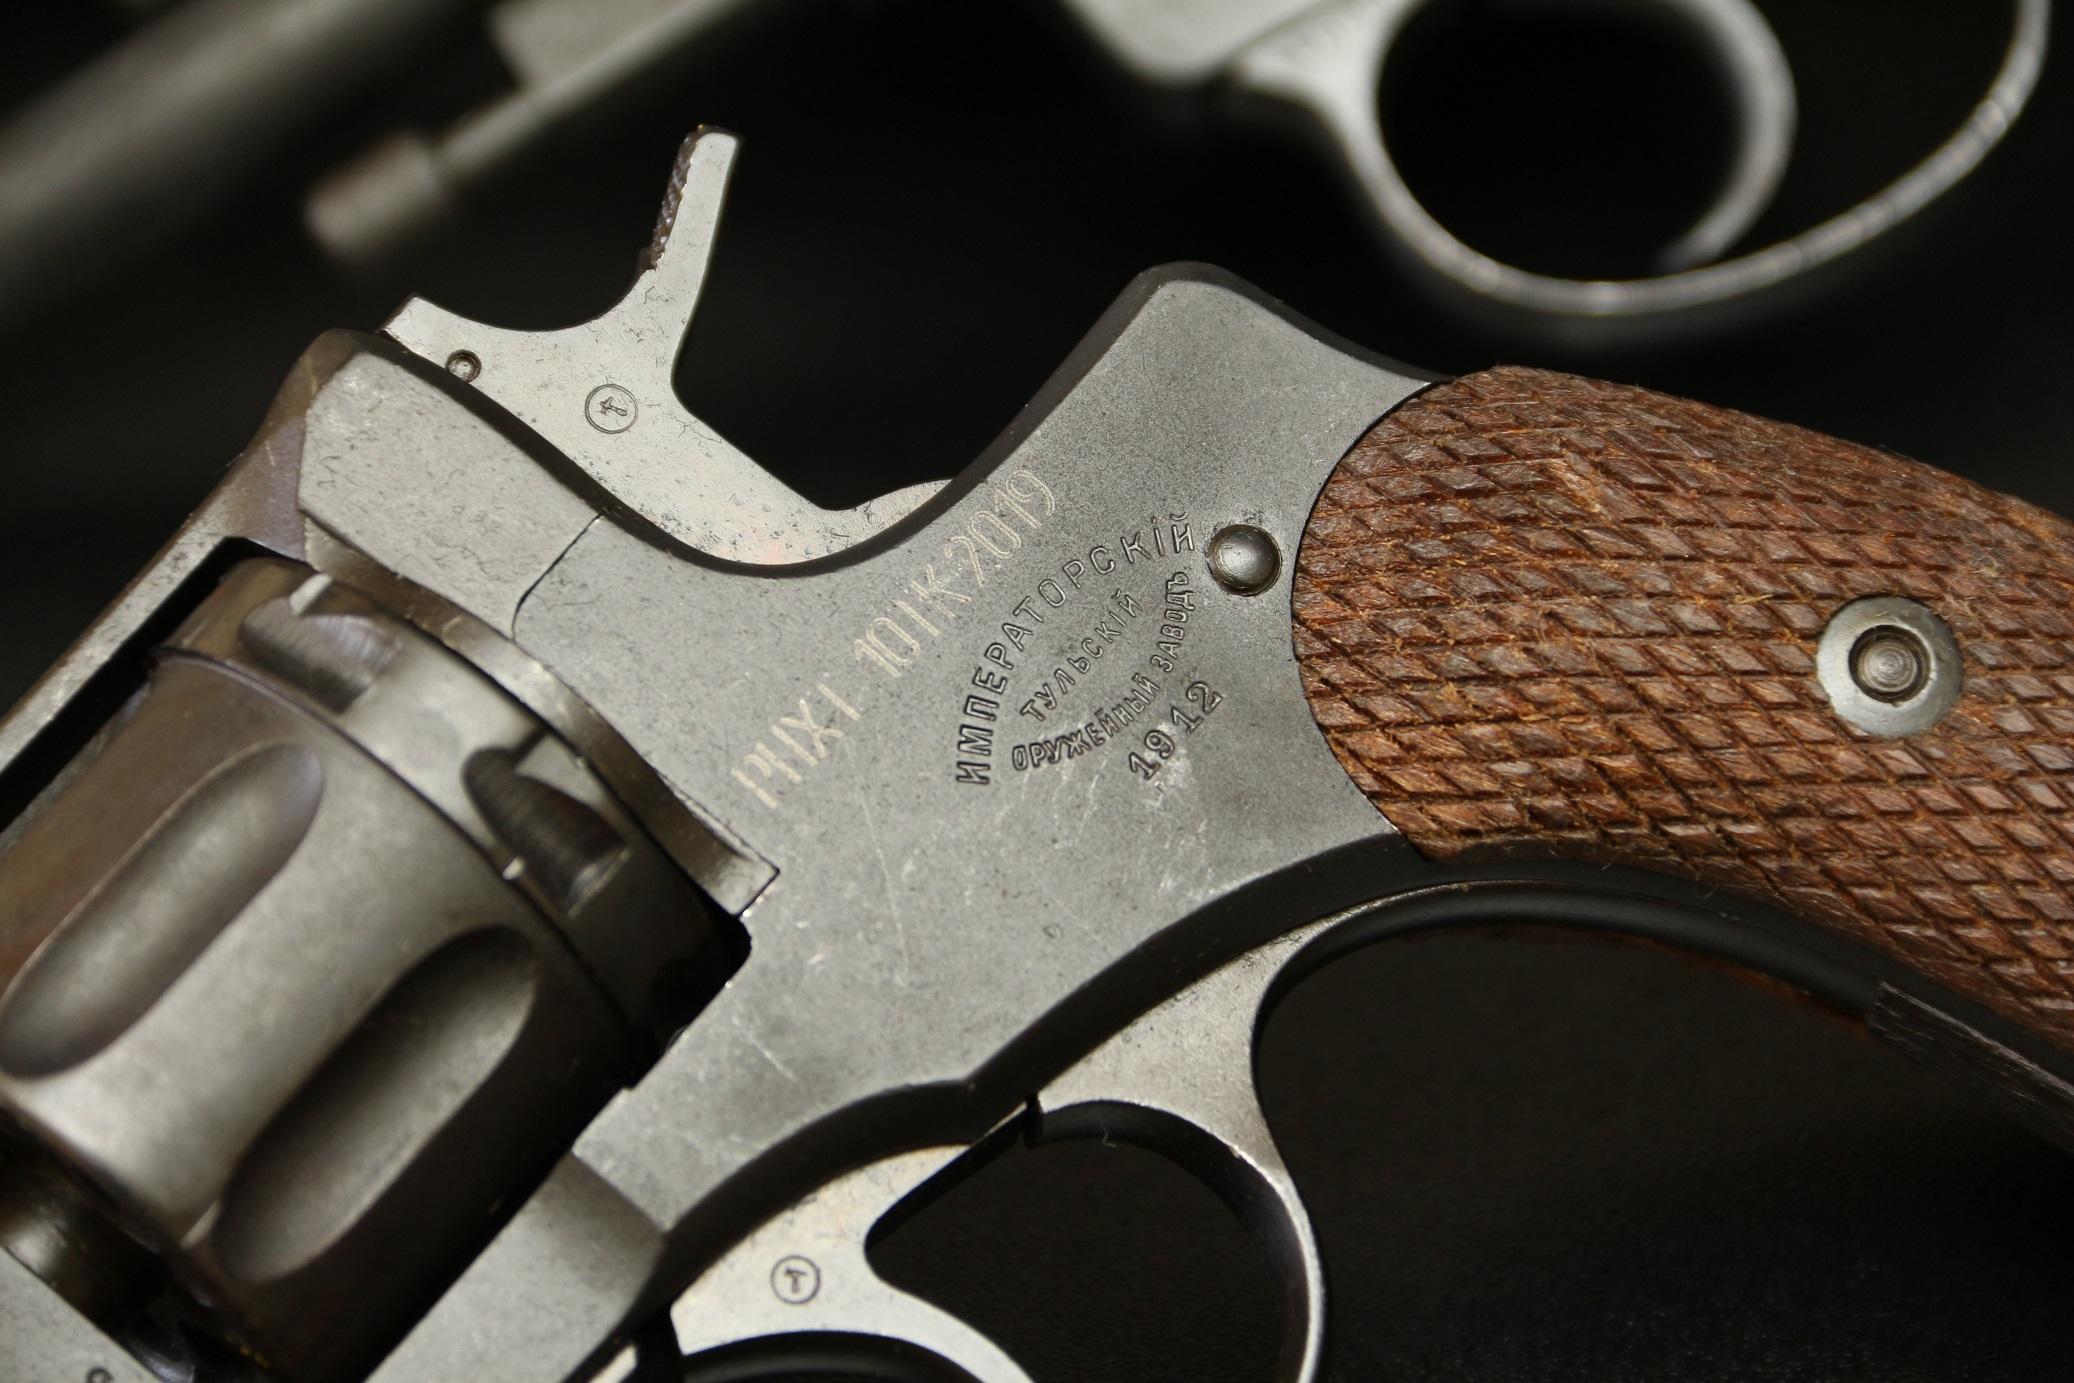 Охолощенный револьвер Наган 1912 года №8173, царский